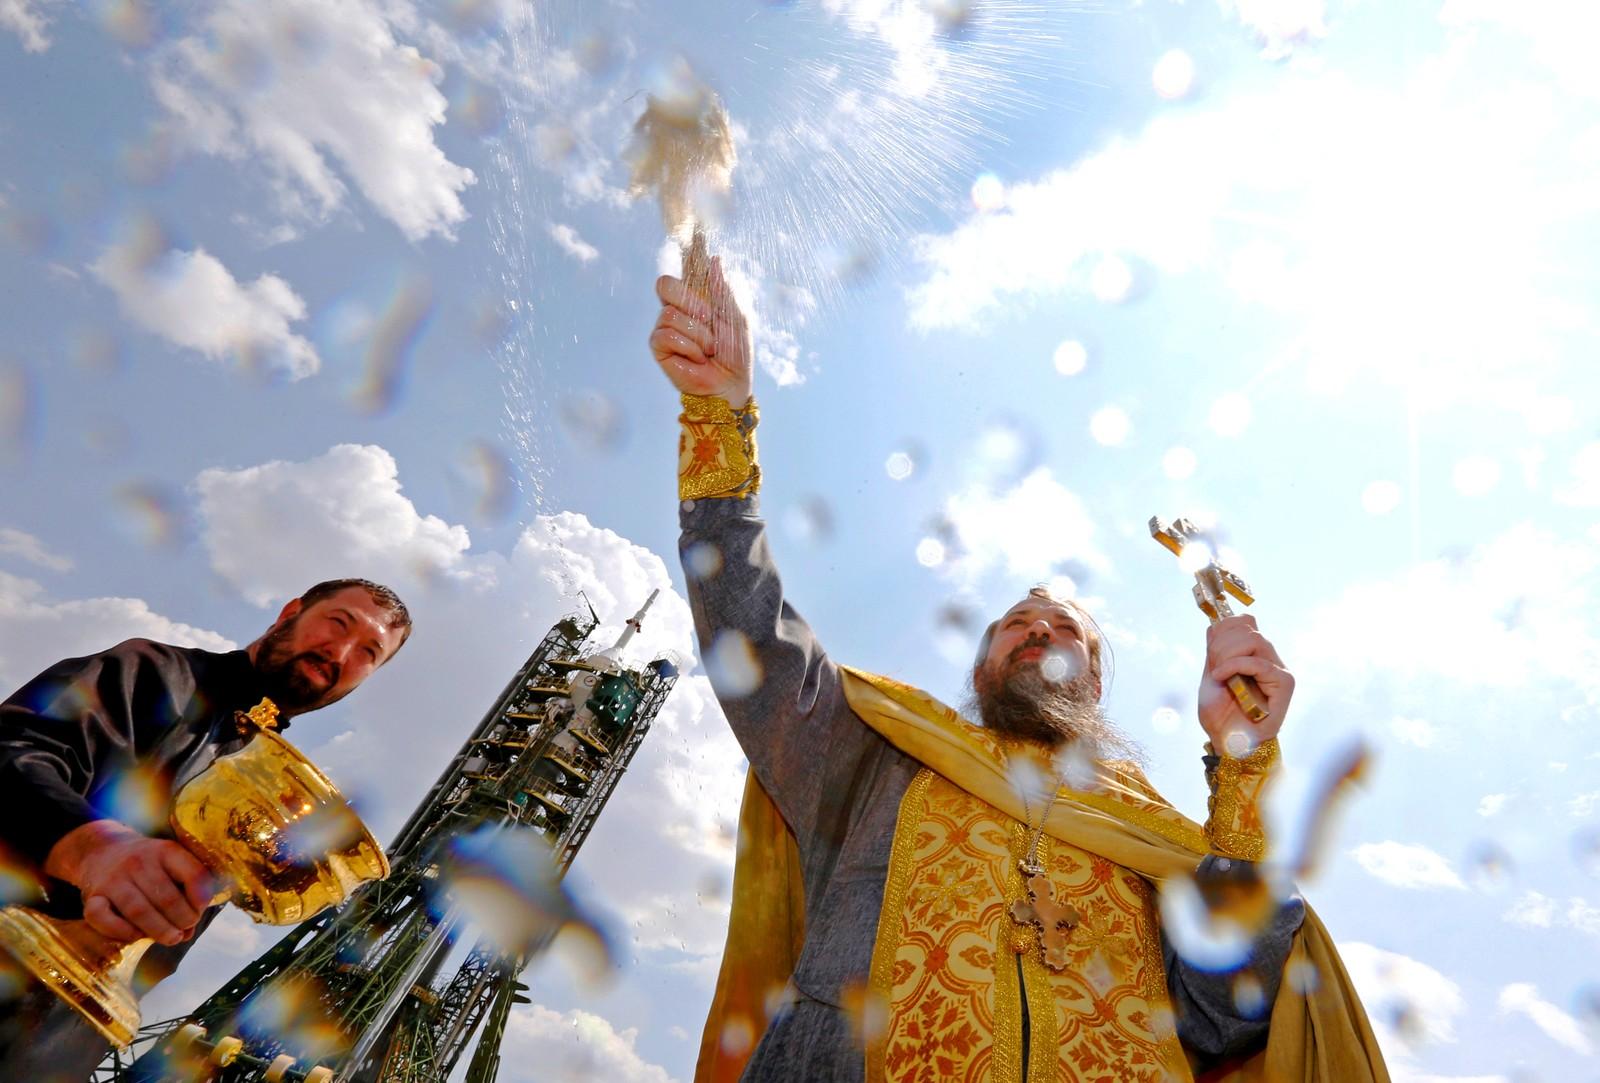 En ortodoks prest velsigner fartøyet Sojuz MS-01 i Kasakhstan den sjette juli. Dagen etter reiste Kate Rubins fra USA, Anatolij Ivanishin fra Russland, og Takuya Onishi fra Japan til den internasjonale romstasjonen.